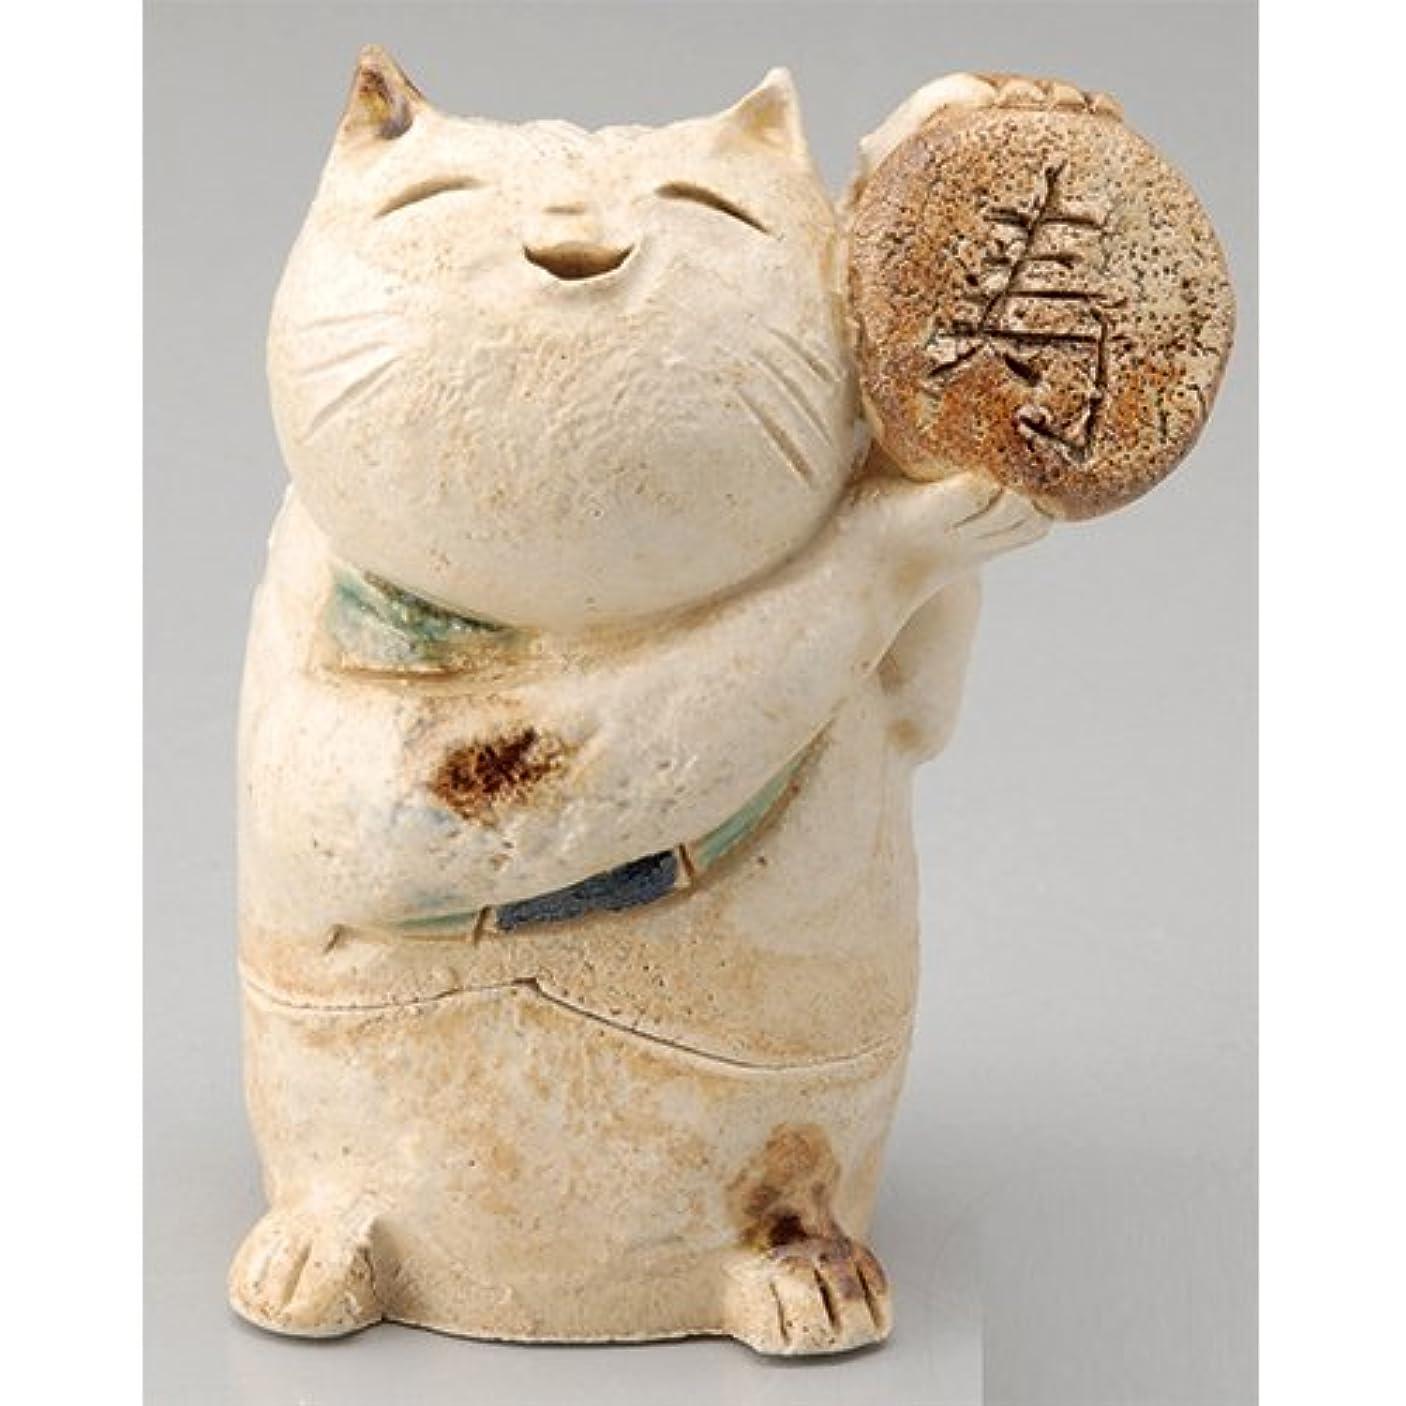 商品ぴかぴか移住する香炉 ごえん猫 香炉(寿) [H8cm] HANDMADE プレゼント ギフト 和食器 かわいい インテリア